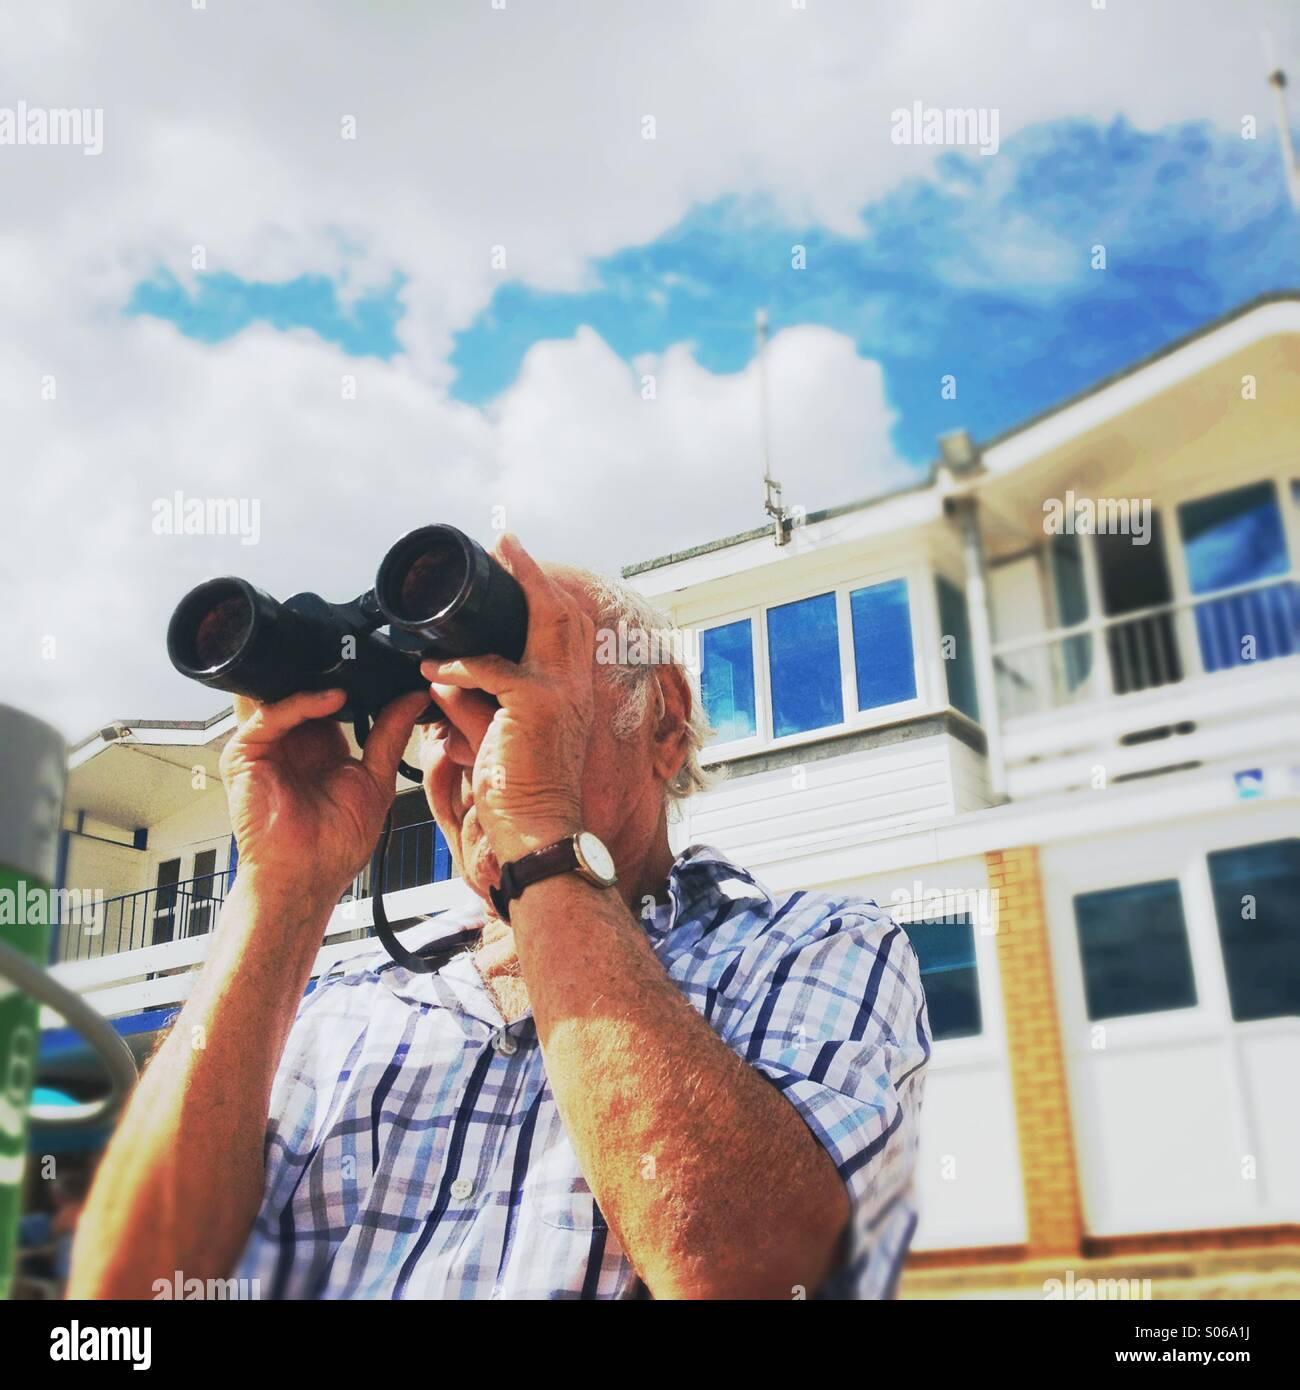 Seaside, binoculars, hobby, seaview, observing, looking, gentleman, elderly, retired, - Stock Image